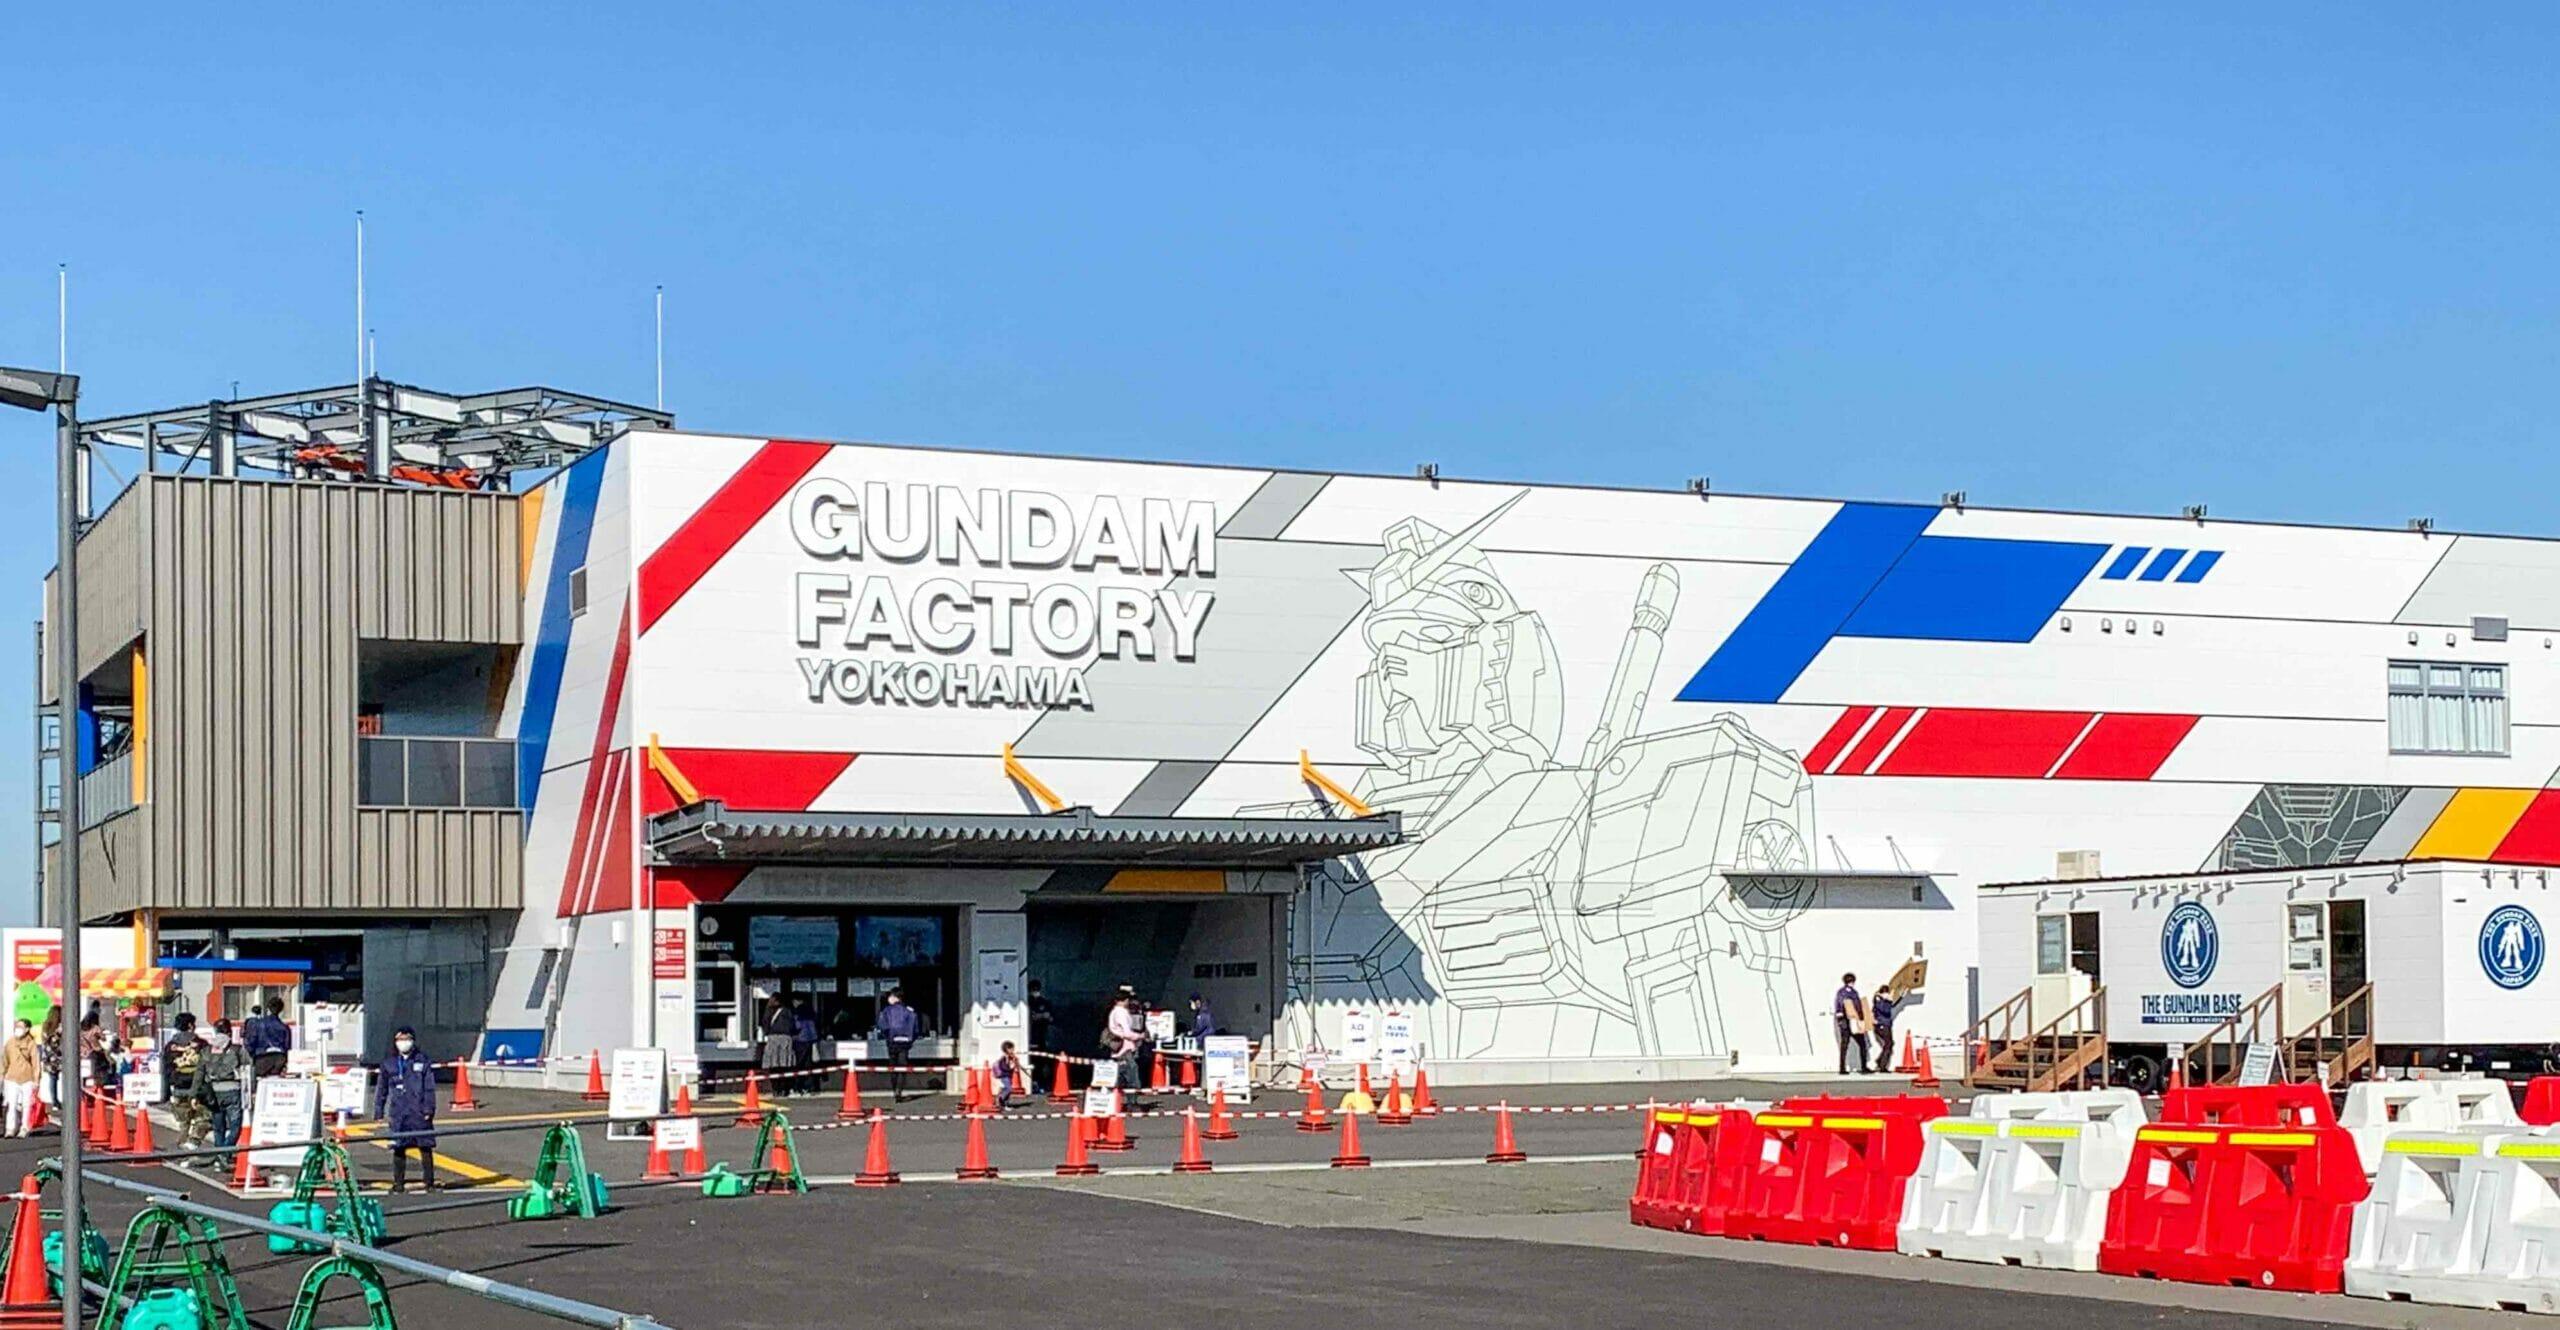 GUNDAM FACTORY 横浜に行ってきました!ガンダムに詳しくなくても楽しめるから、みんな行くと良いよ